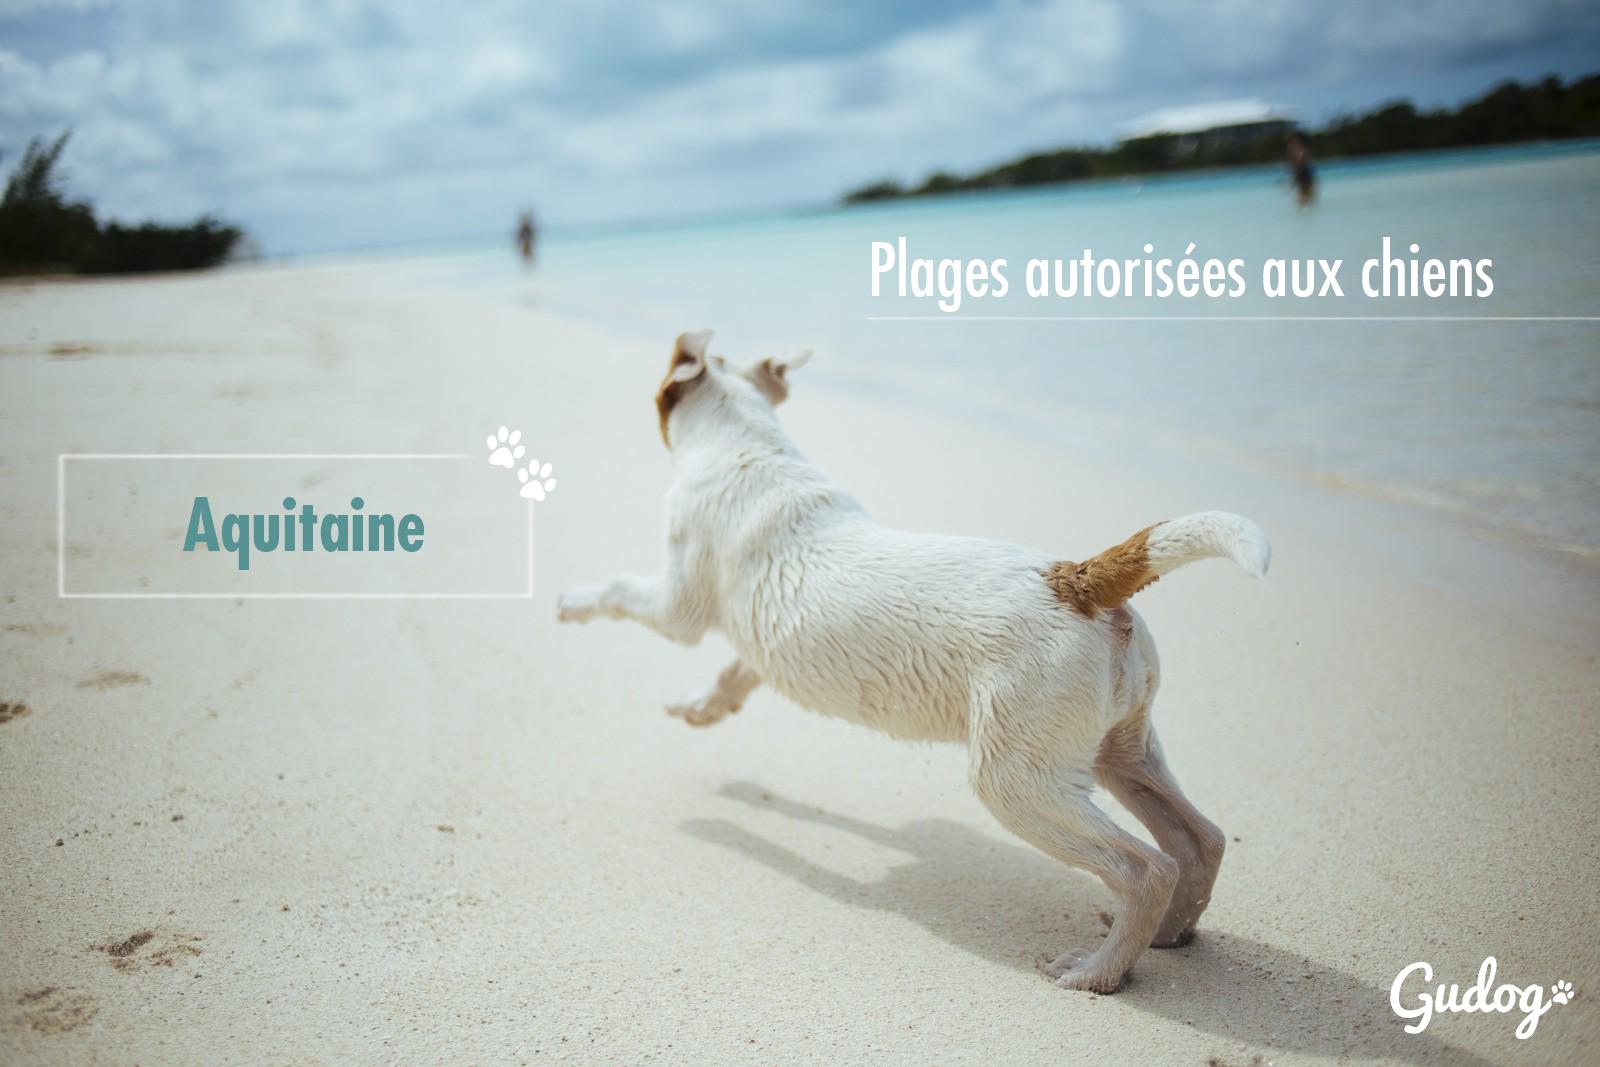 plages autorisées aux chiens aquitaine